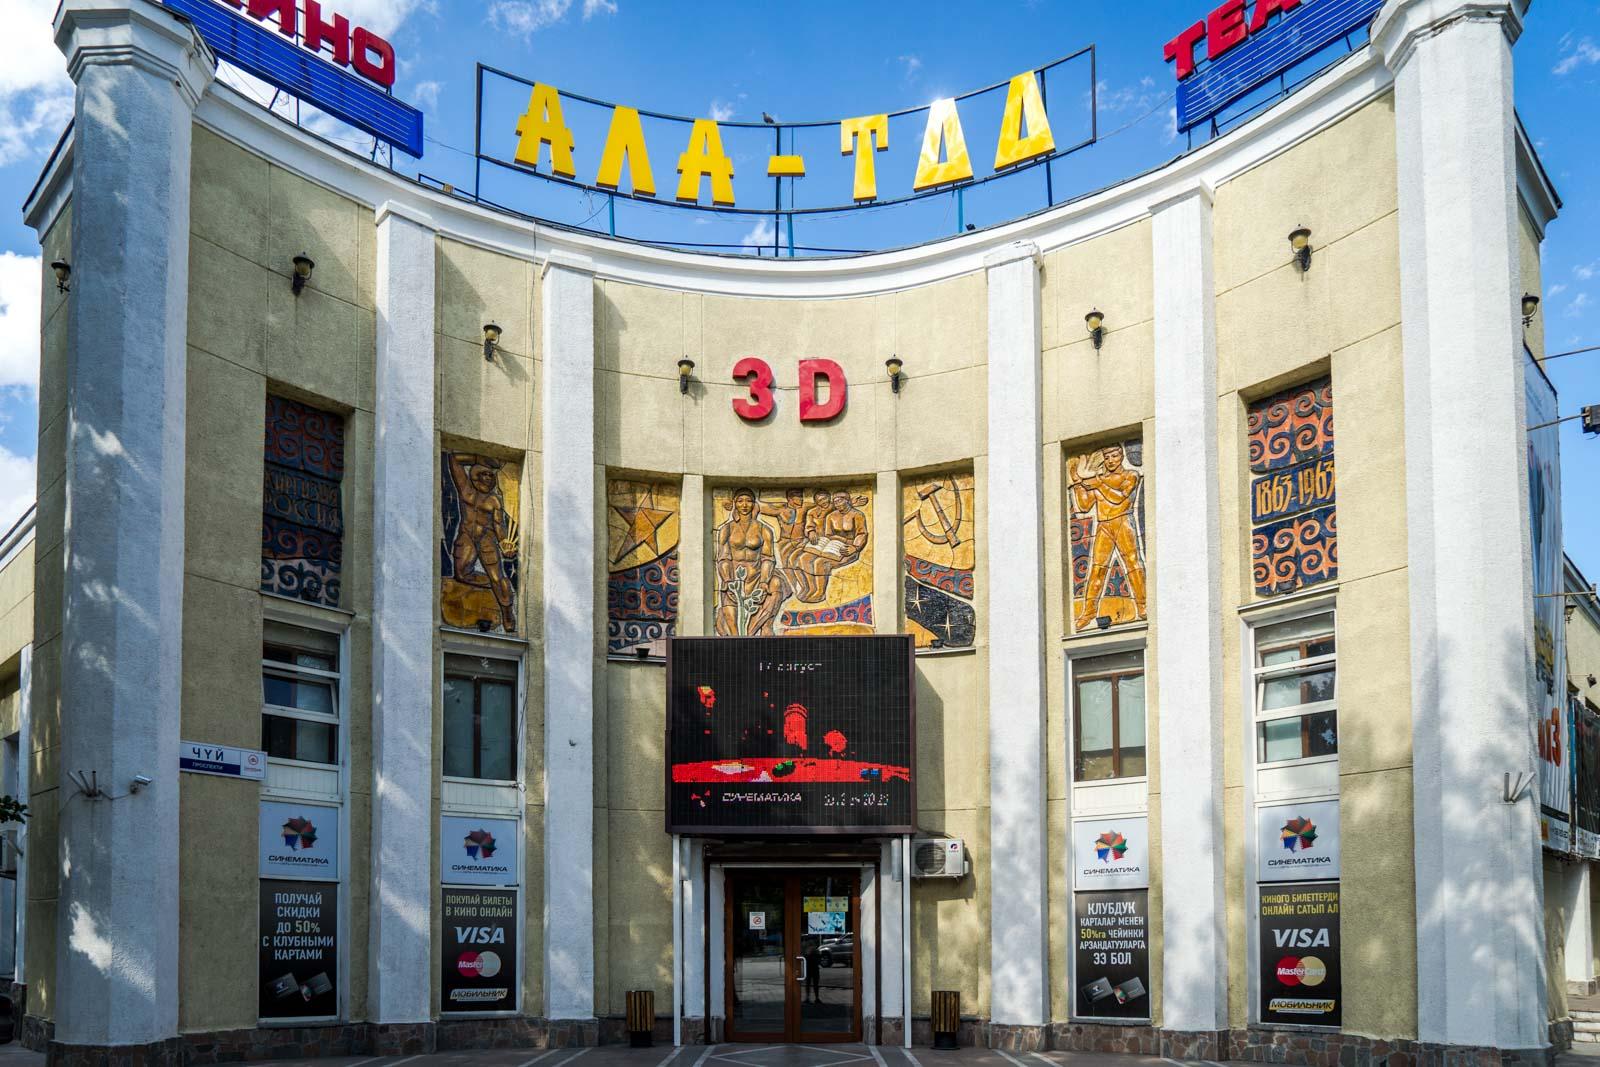 Ala-Too Cinema, Bishkek, Kyrgyzstan